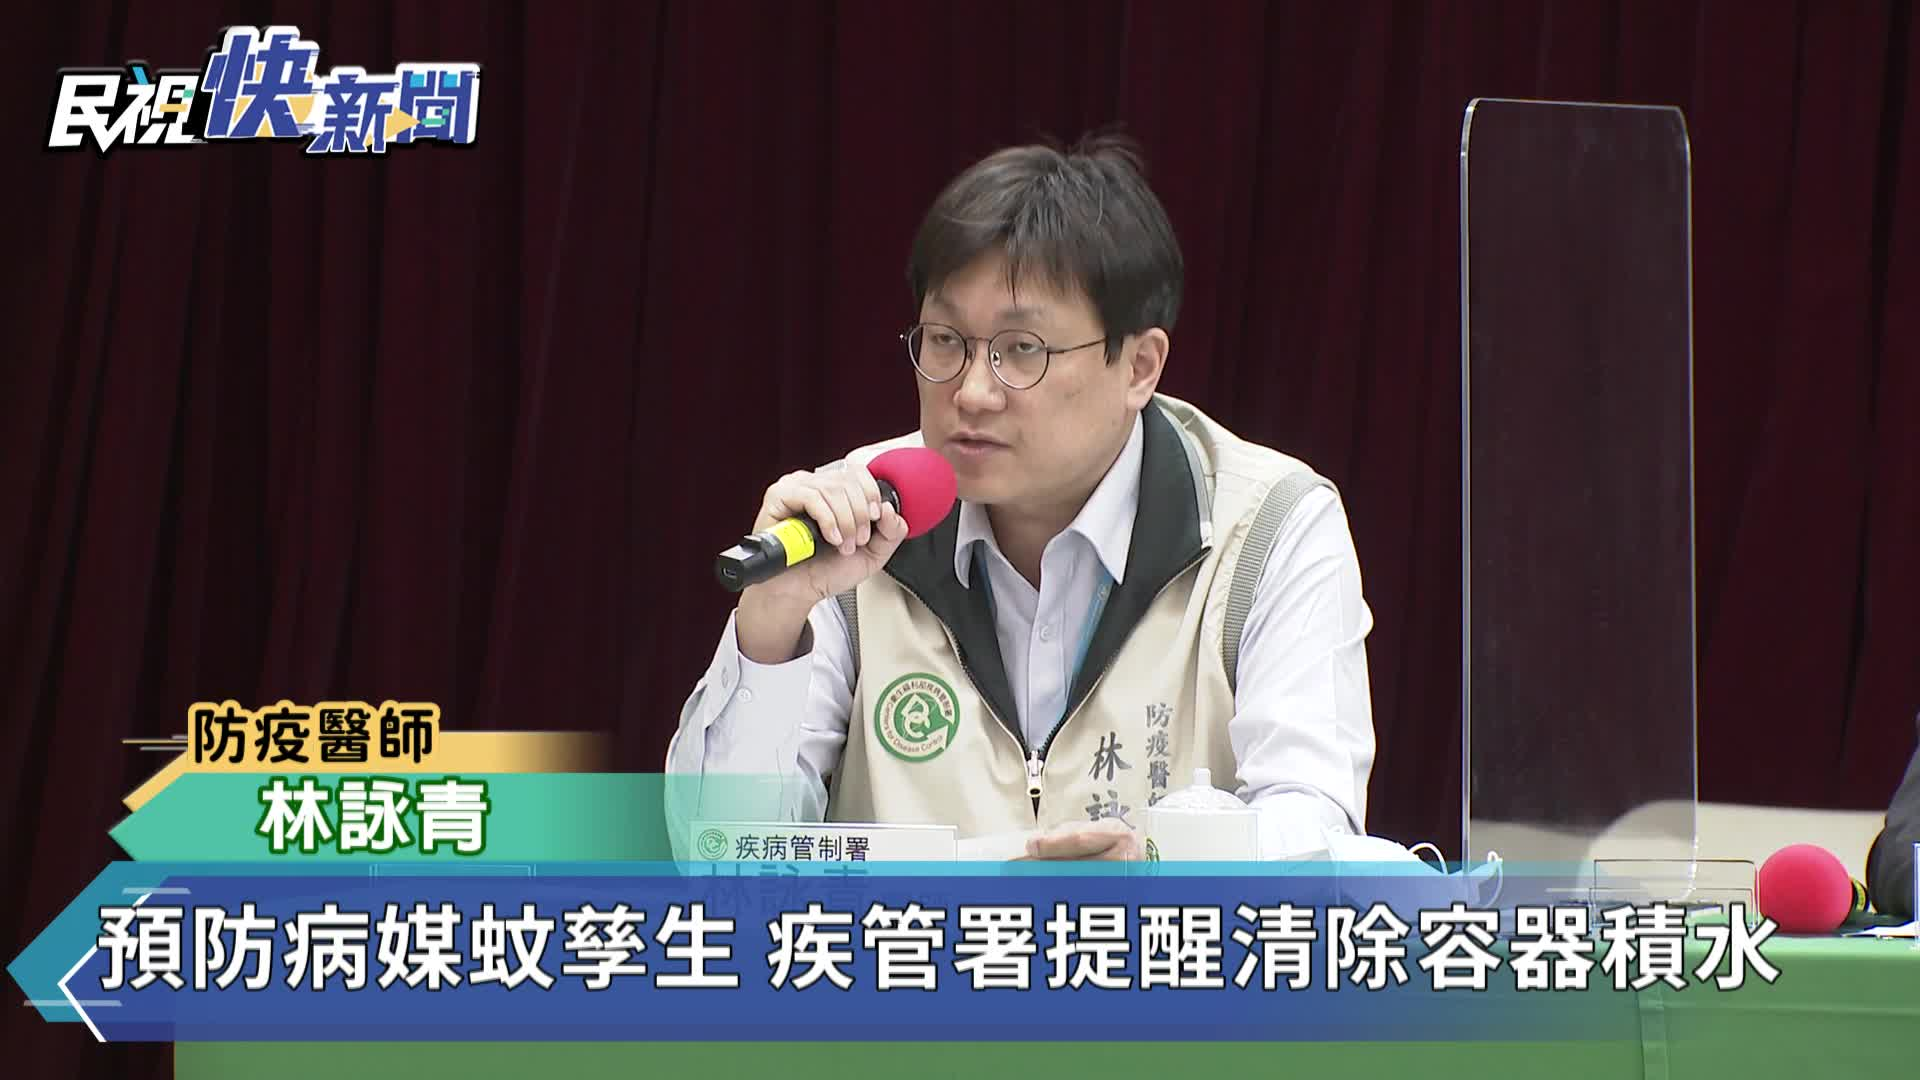 快新聞/登革熱累計3例境外移入 疾管署提醒環境清潔